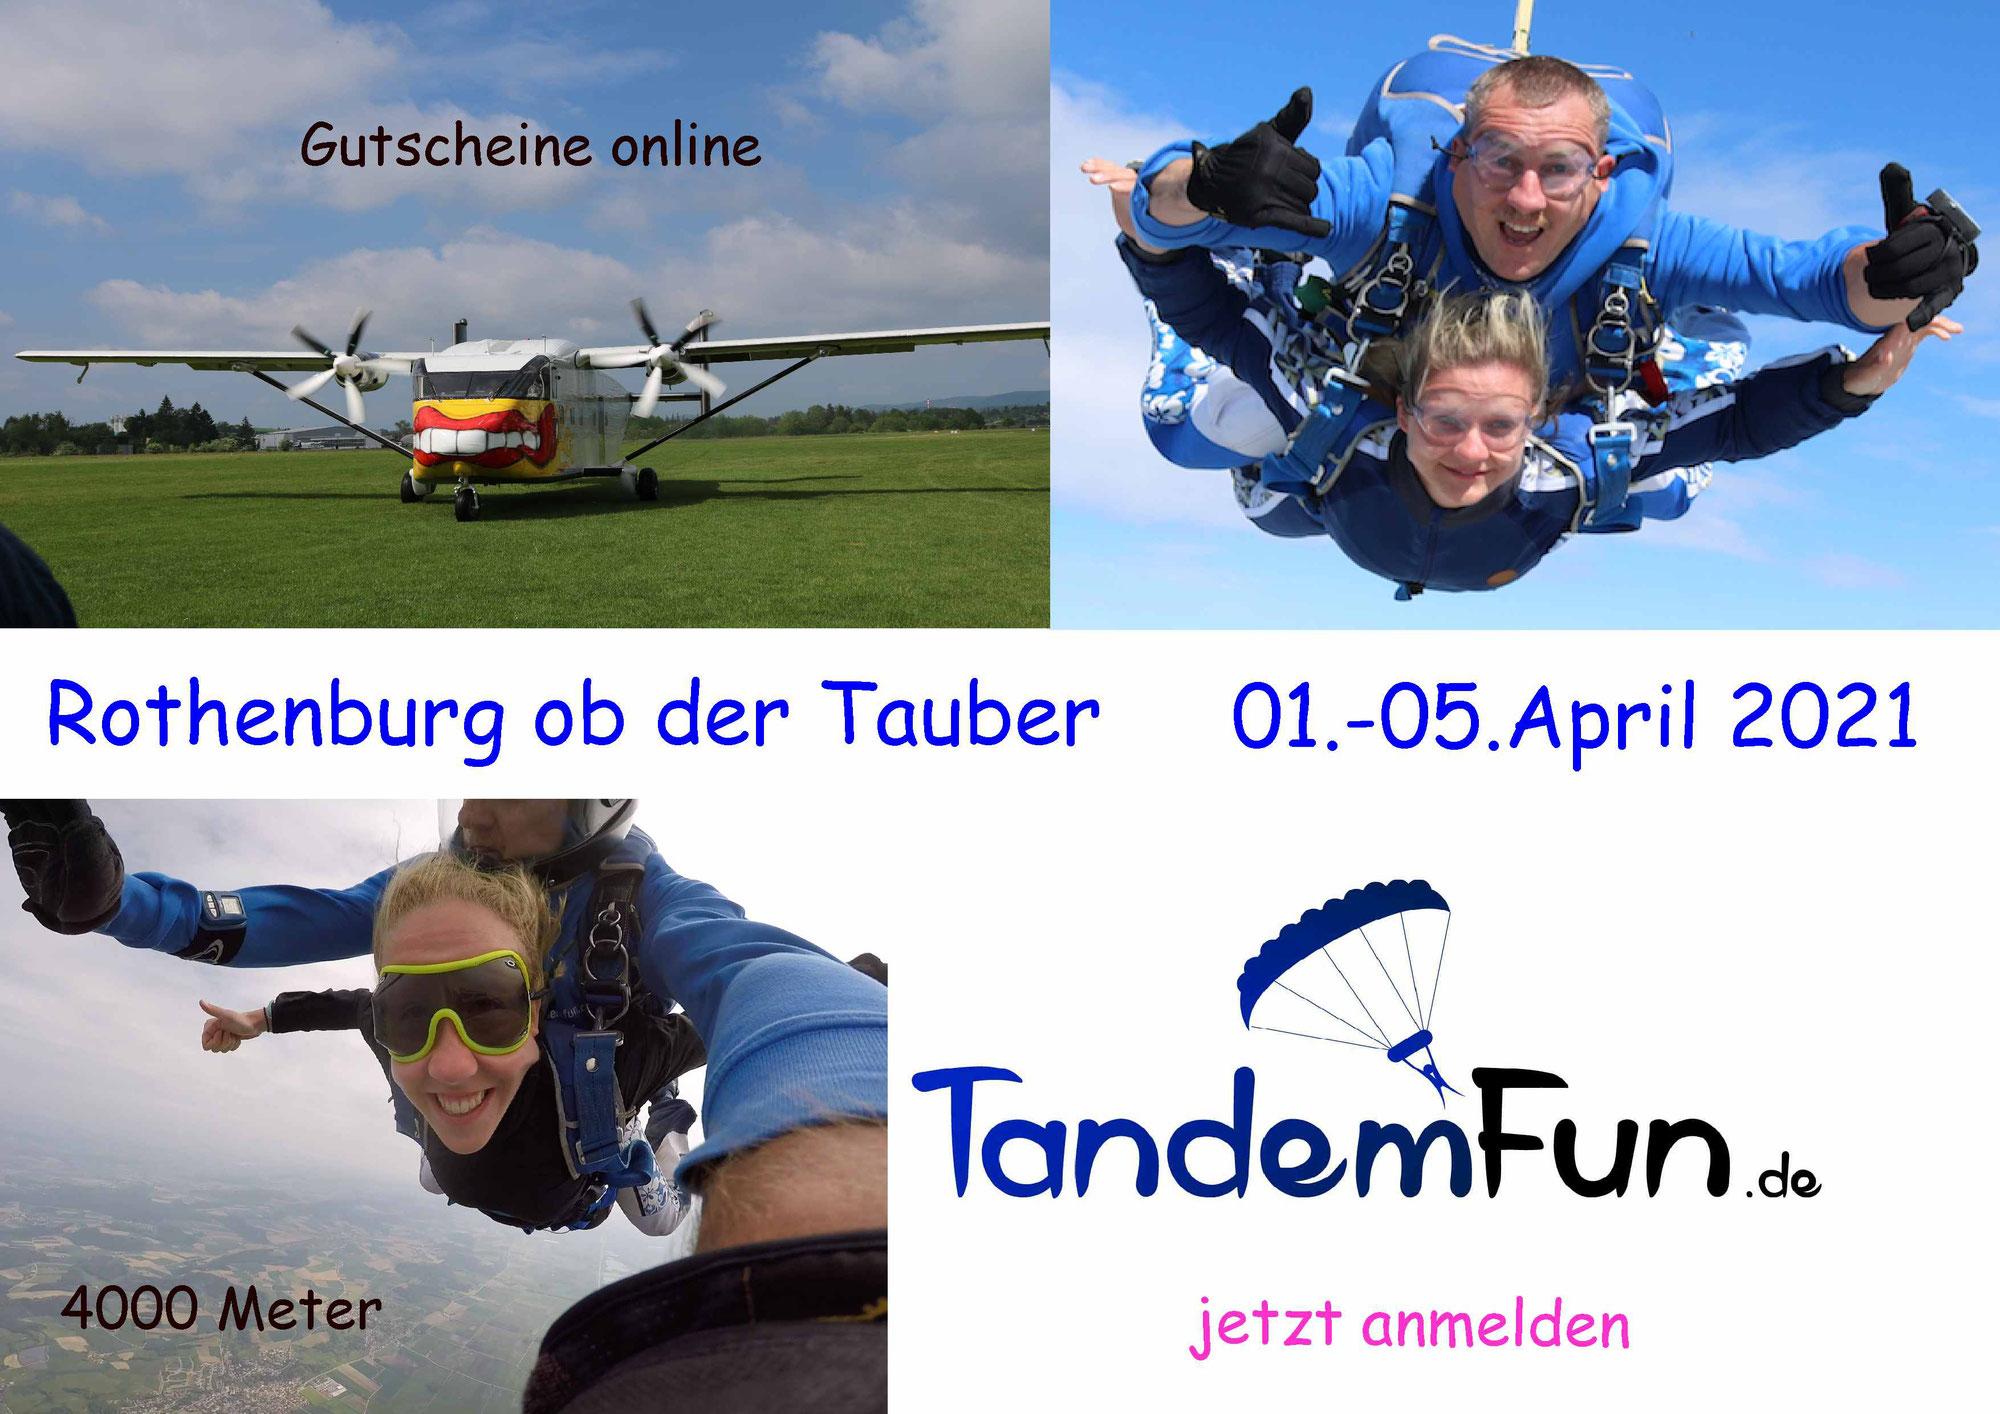 Ein Tandemsprung an Ostern 2021 in Rothenburg ob der Tauber